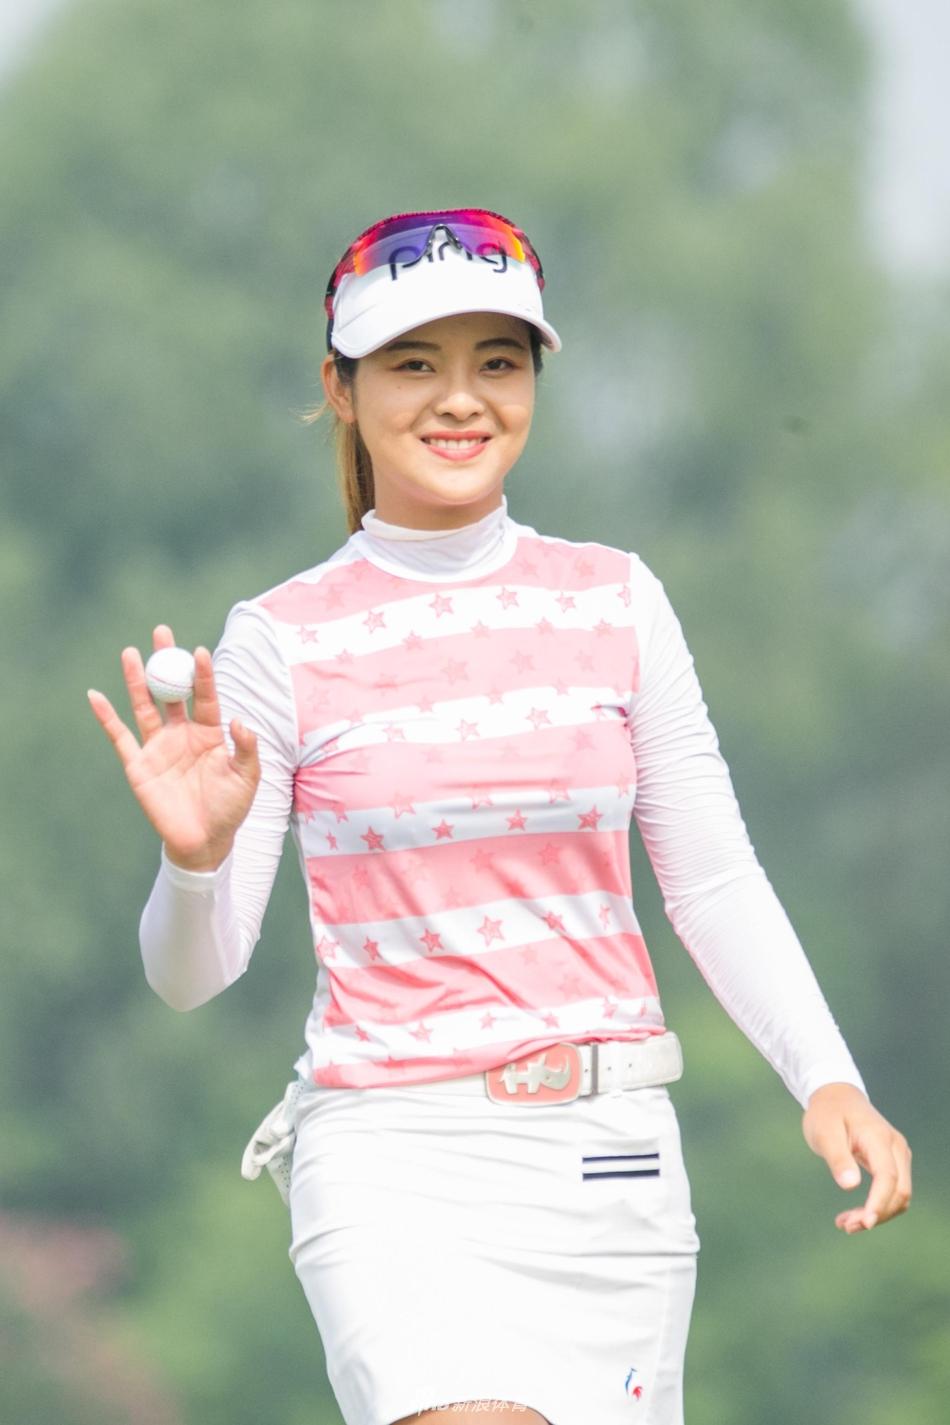 http://n.sinaimg.cn/sports/2_img/upload/127d0b3e/320/w2048h3072/20190615/11aa-hymscpq3596136.jpg